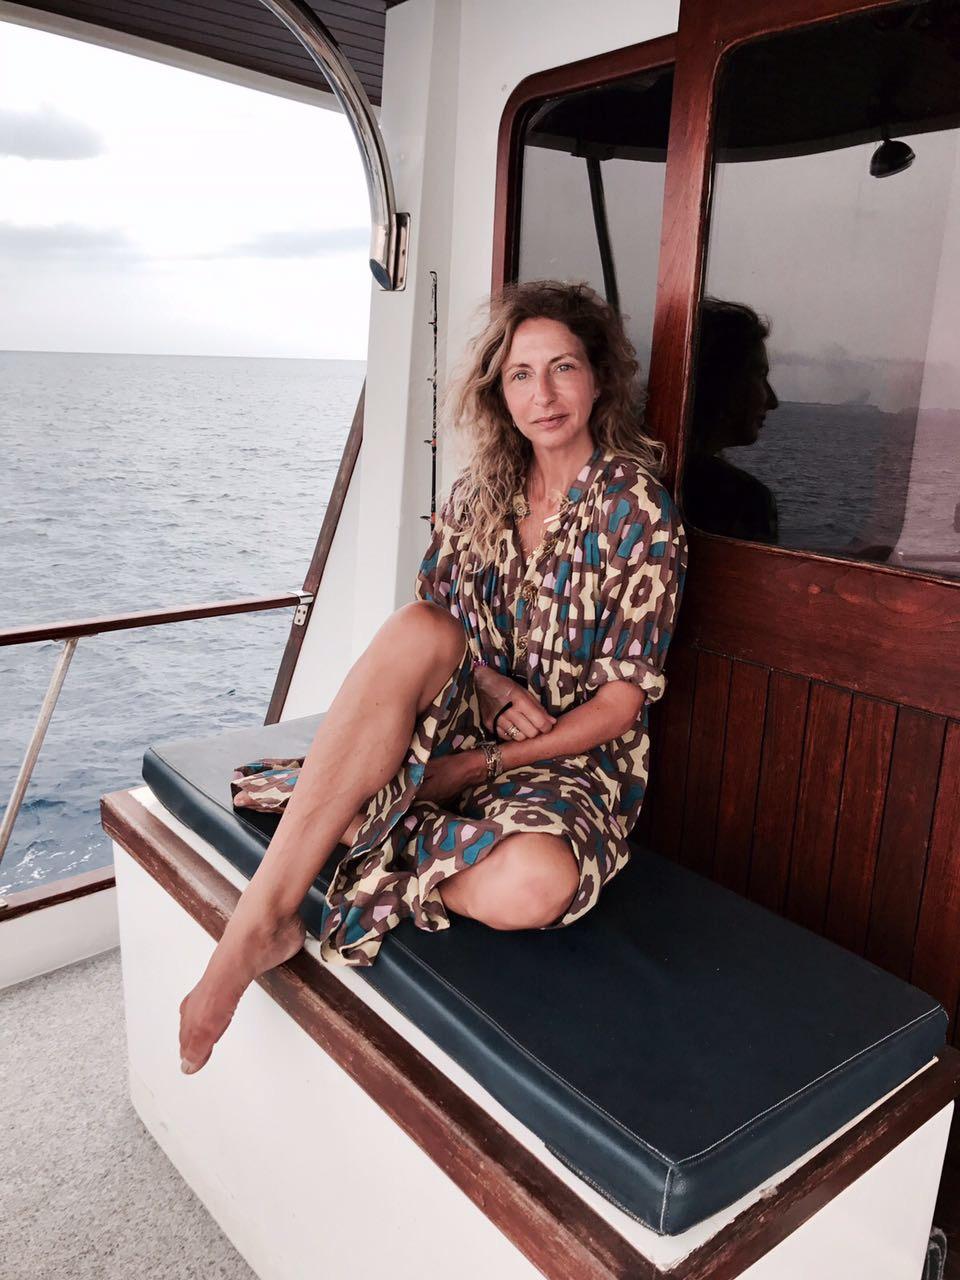 Ibiza on a boat